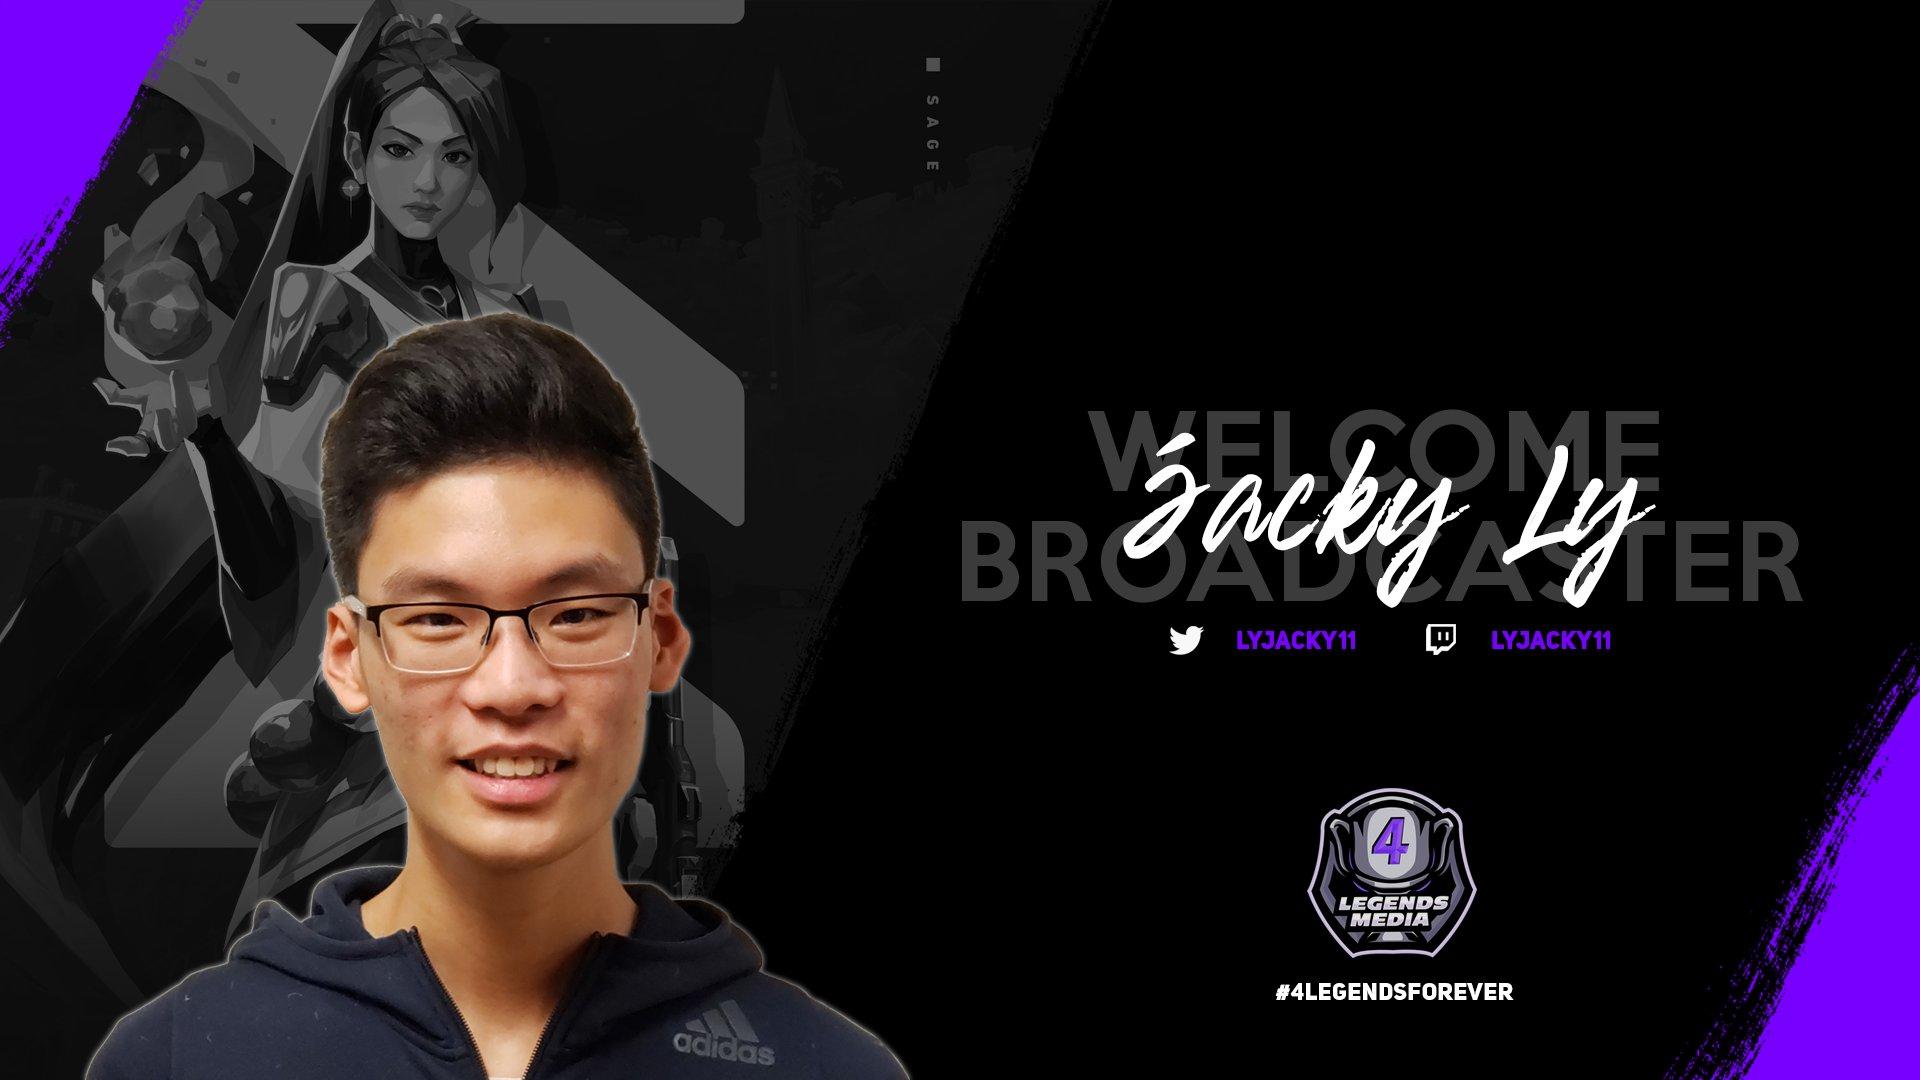 Introducing Jacky